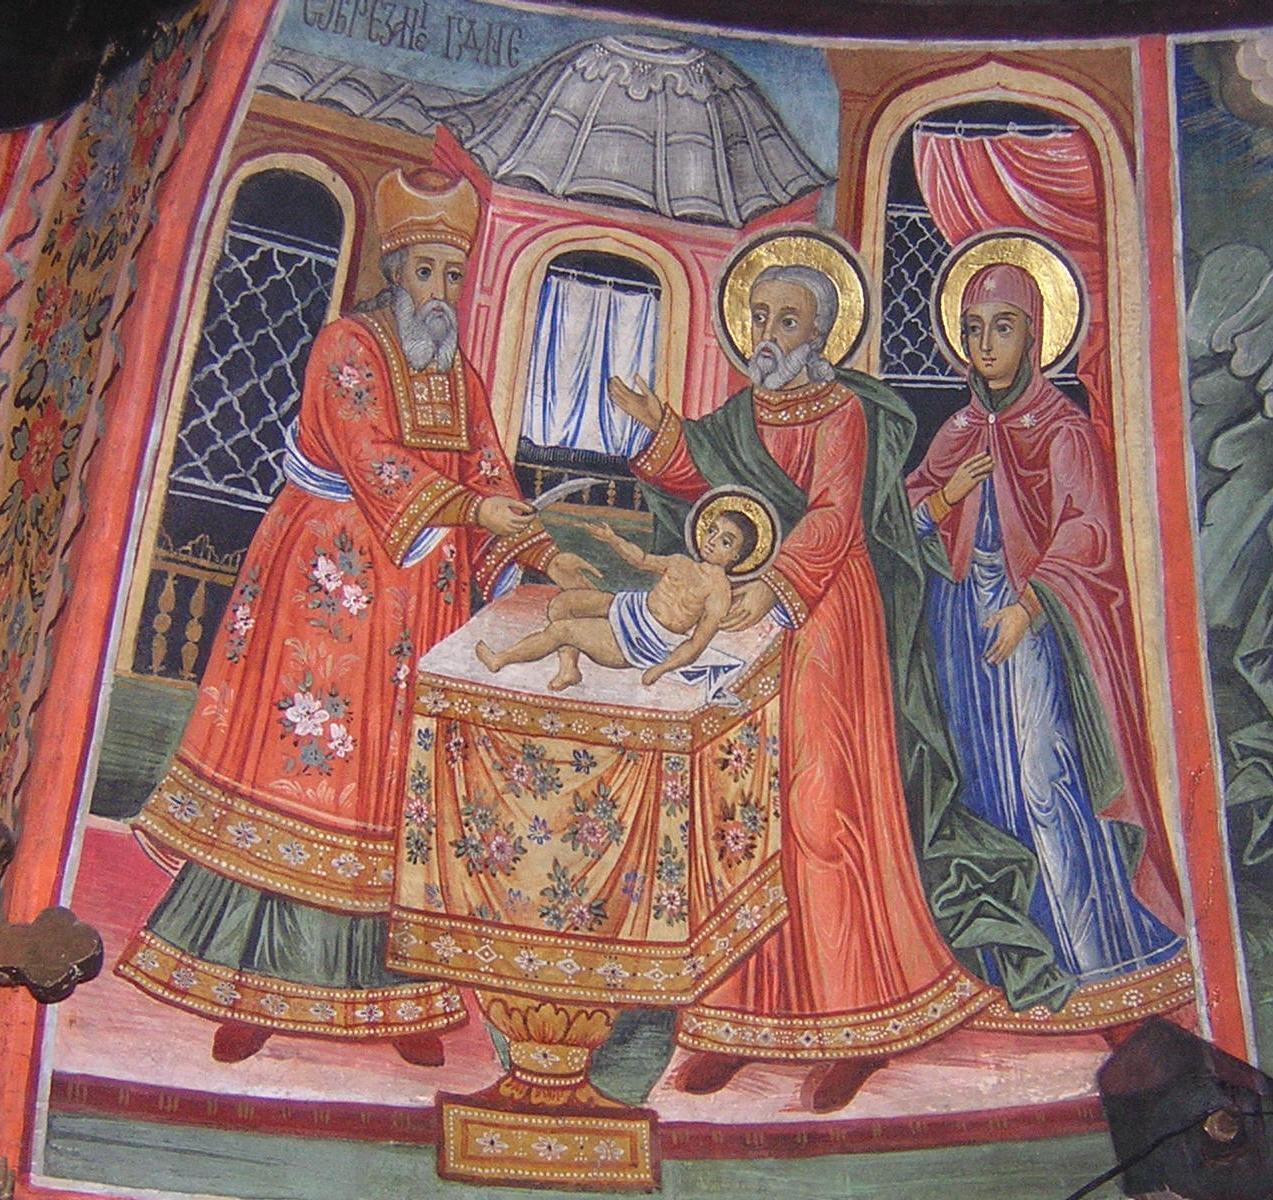 Господь принял обрезание, показывая людям пример неукоснительного соблюдения законов Божьих